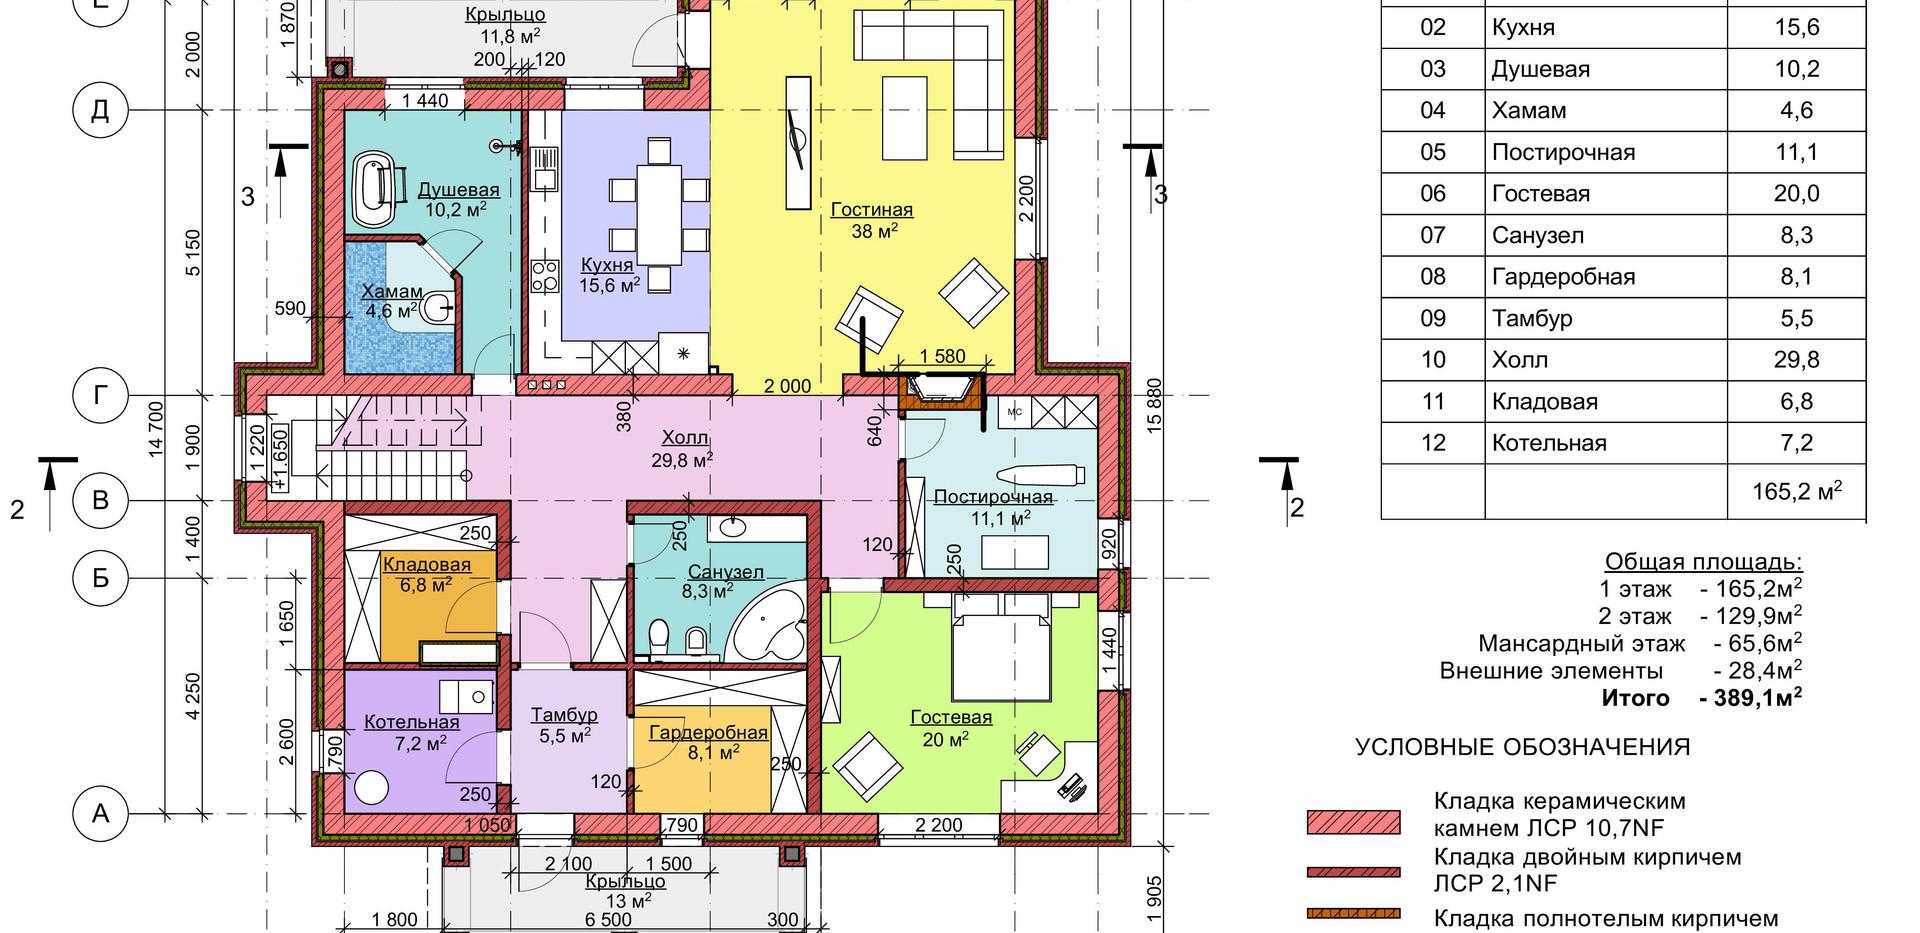 Проект кирпичного дома 390 - 4.jpg